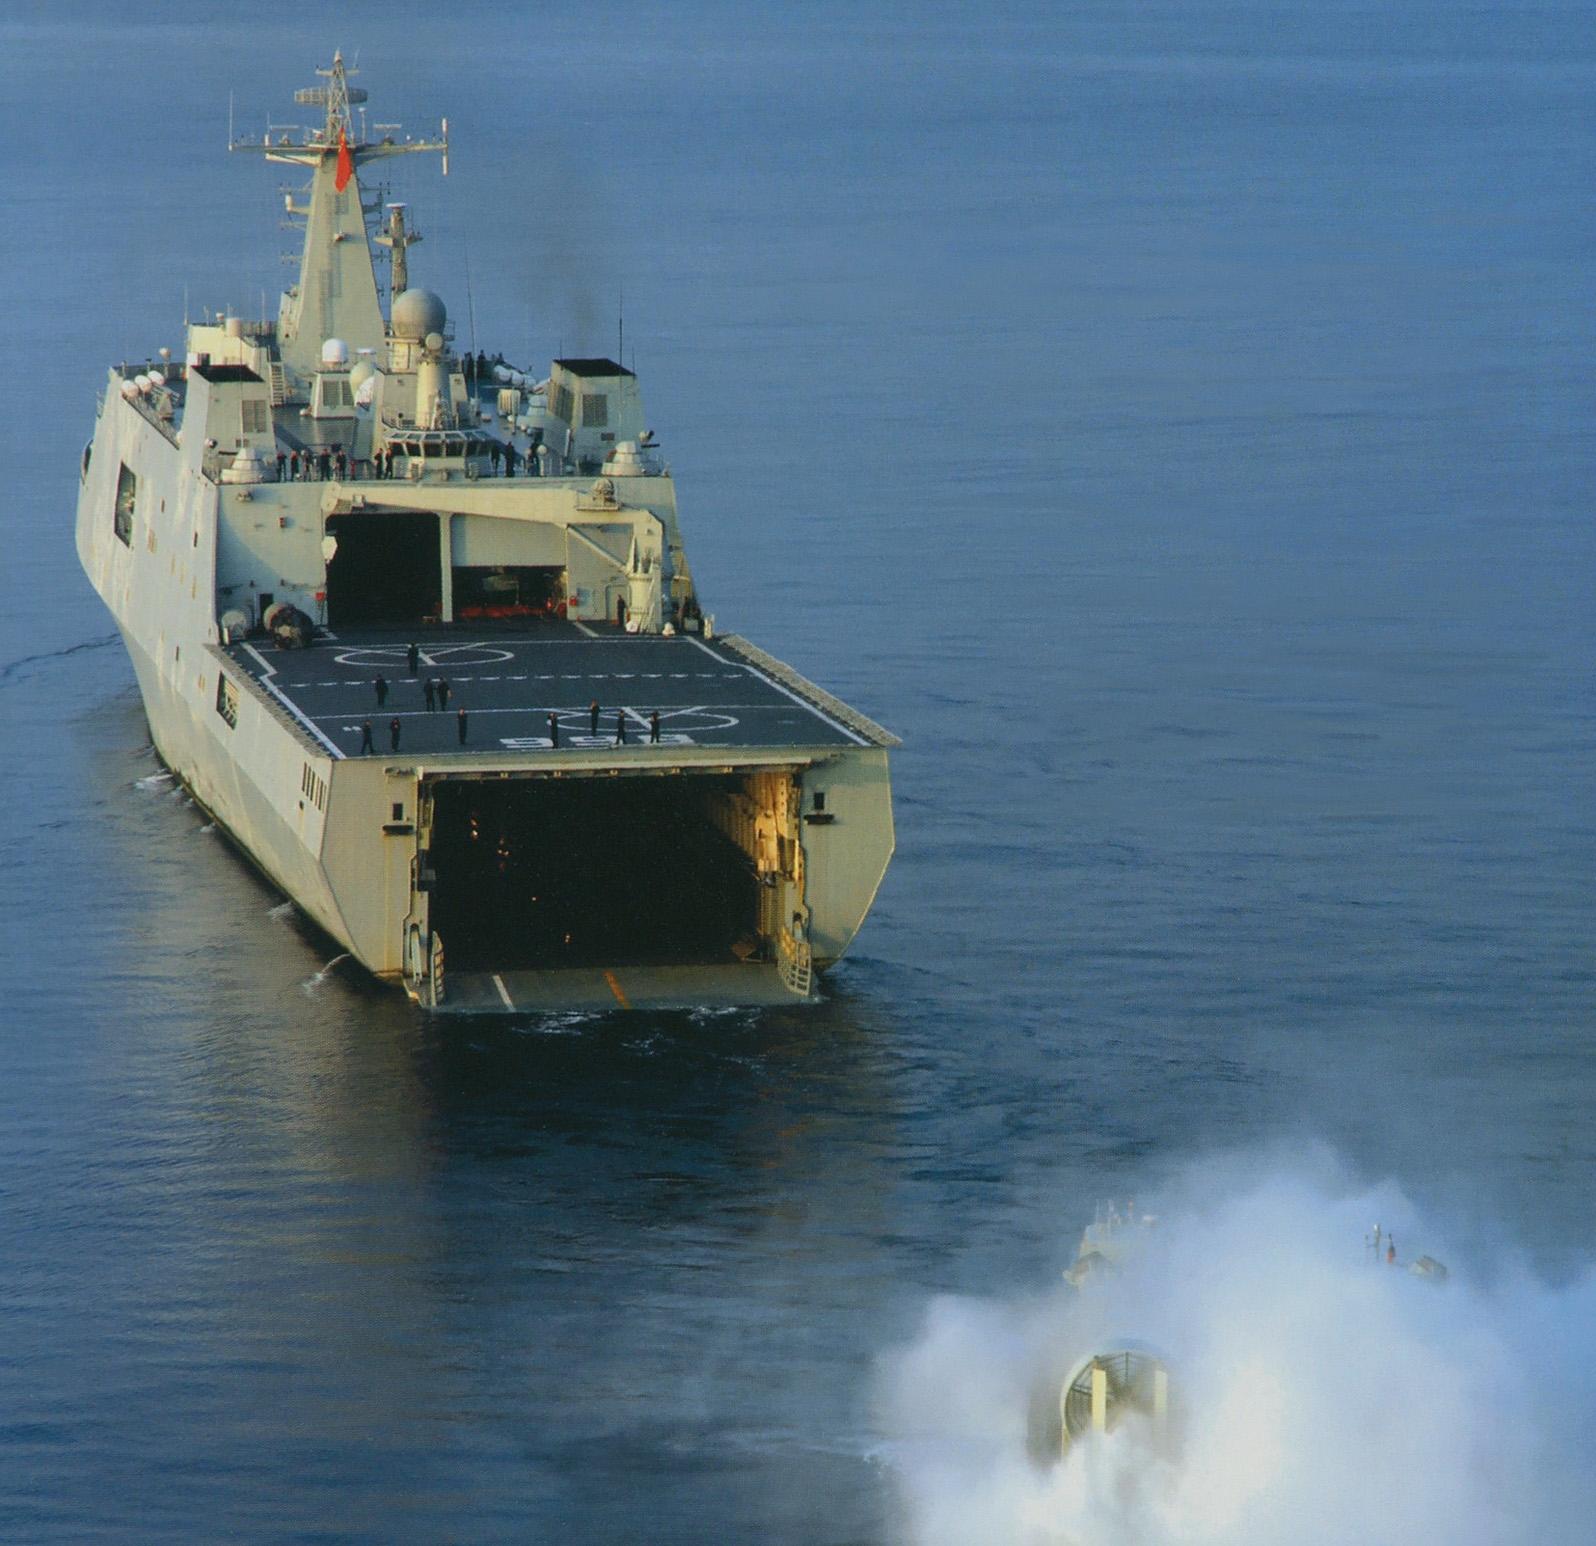 سفينه الانزال البرمائي Type 071 Yuzhao-class الصينيه  China+Type+071+amphibious+transport+dock%252C+or+landing+platform+dock+%2528LPD%2529++Type+071+%2528Yuzhao-class%2529+are+amphibious+warfare+ships+of+the+People%2527s+Republic+of+China%2527s+People%2527s+Liberation+Army+Navy+%25283%2529